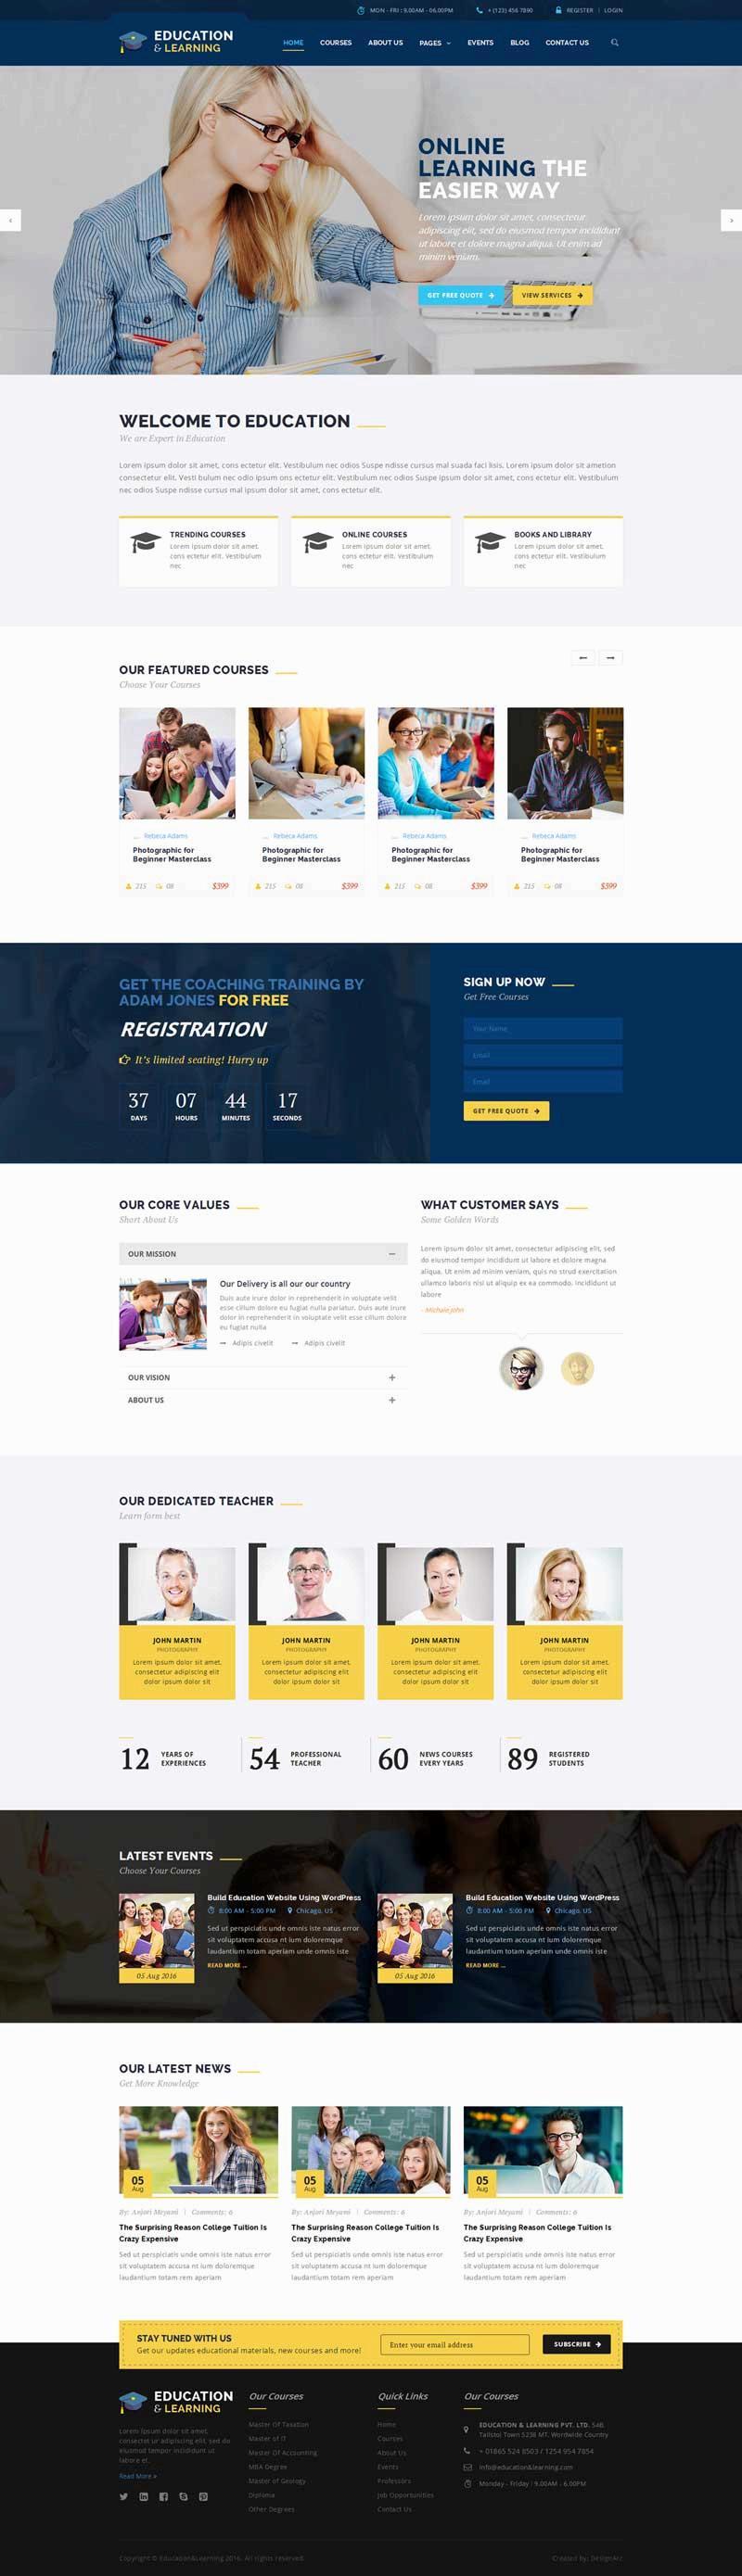 蓝色的在线销售课程教育培训网站模板